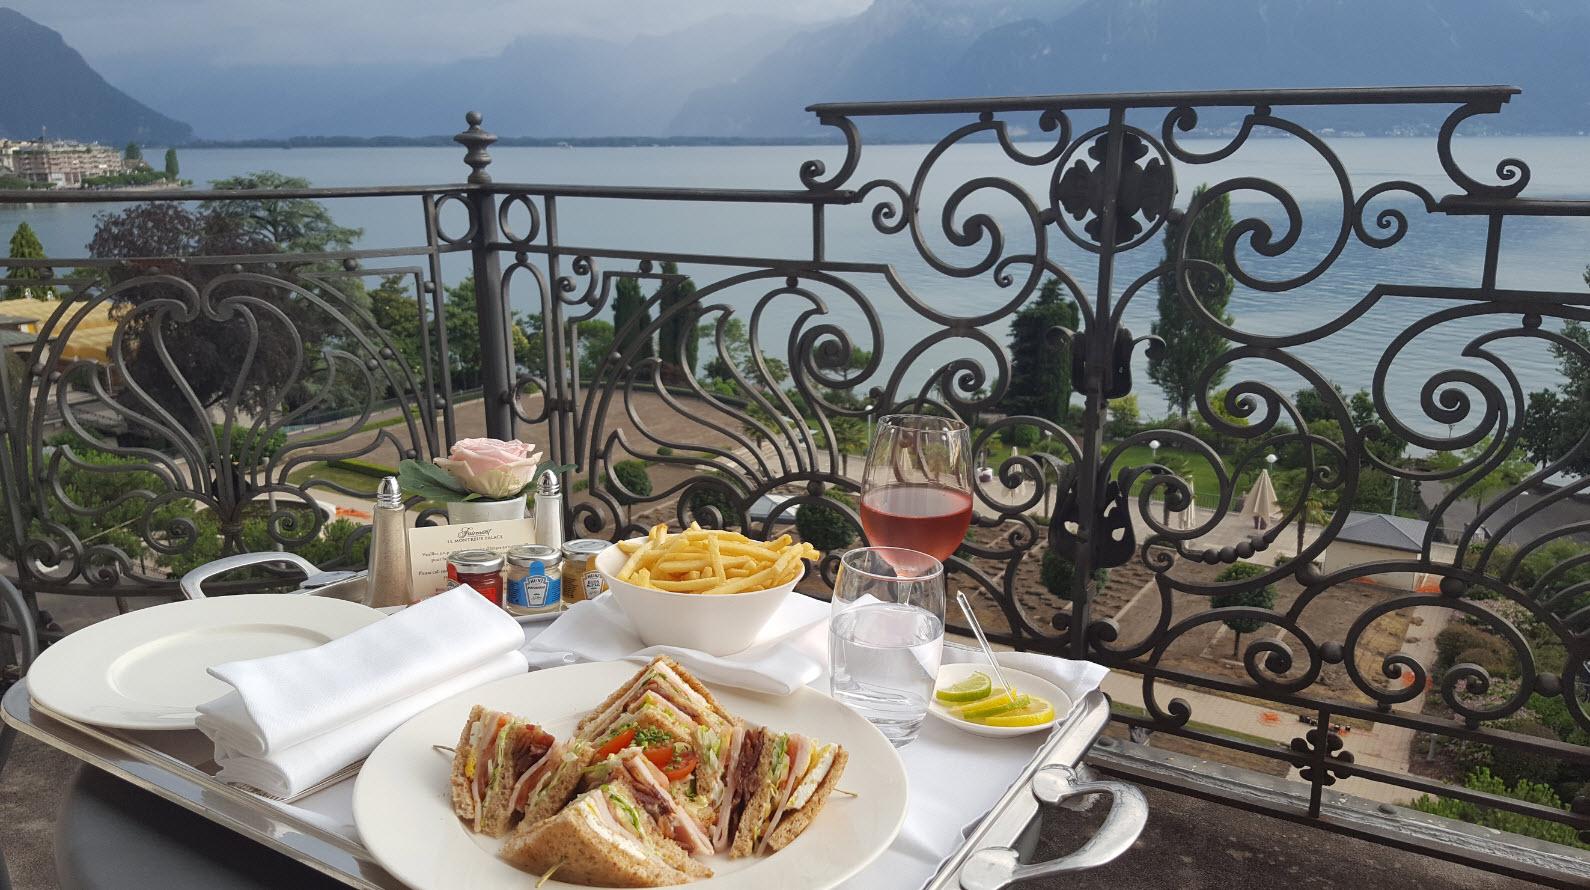 Room service club sandwich sur le balcon face au lac et aux alpes